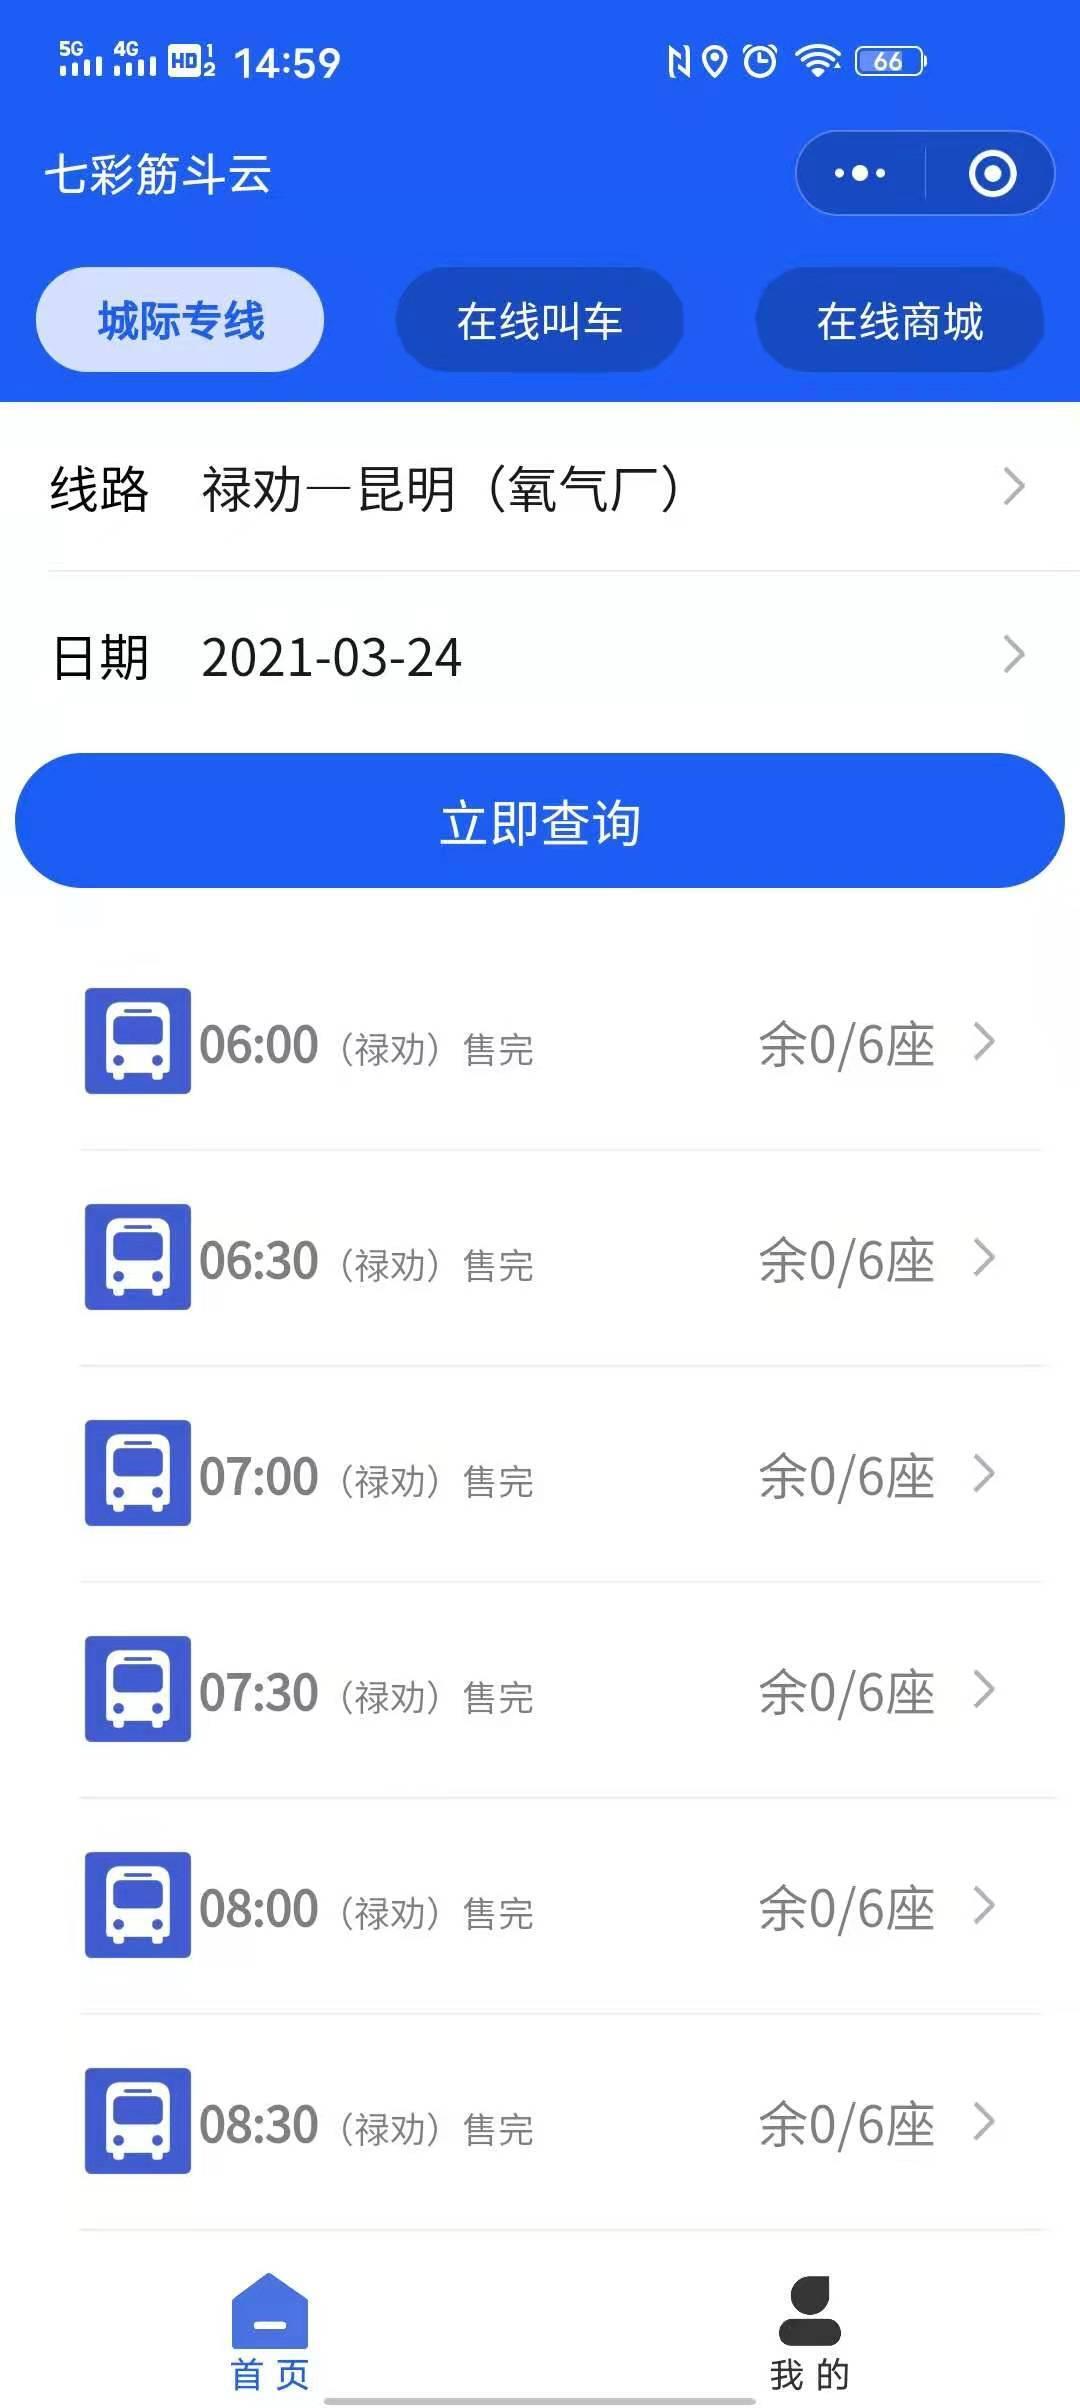 微信城际出行约车购票小程序开发(长途专线拼车顺风车预约系统)